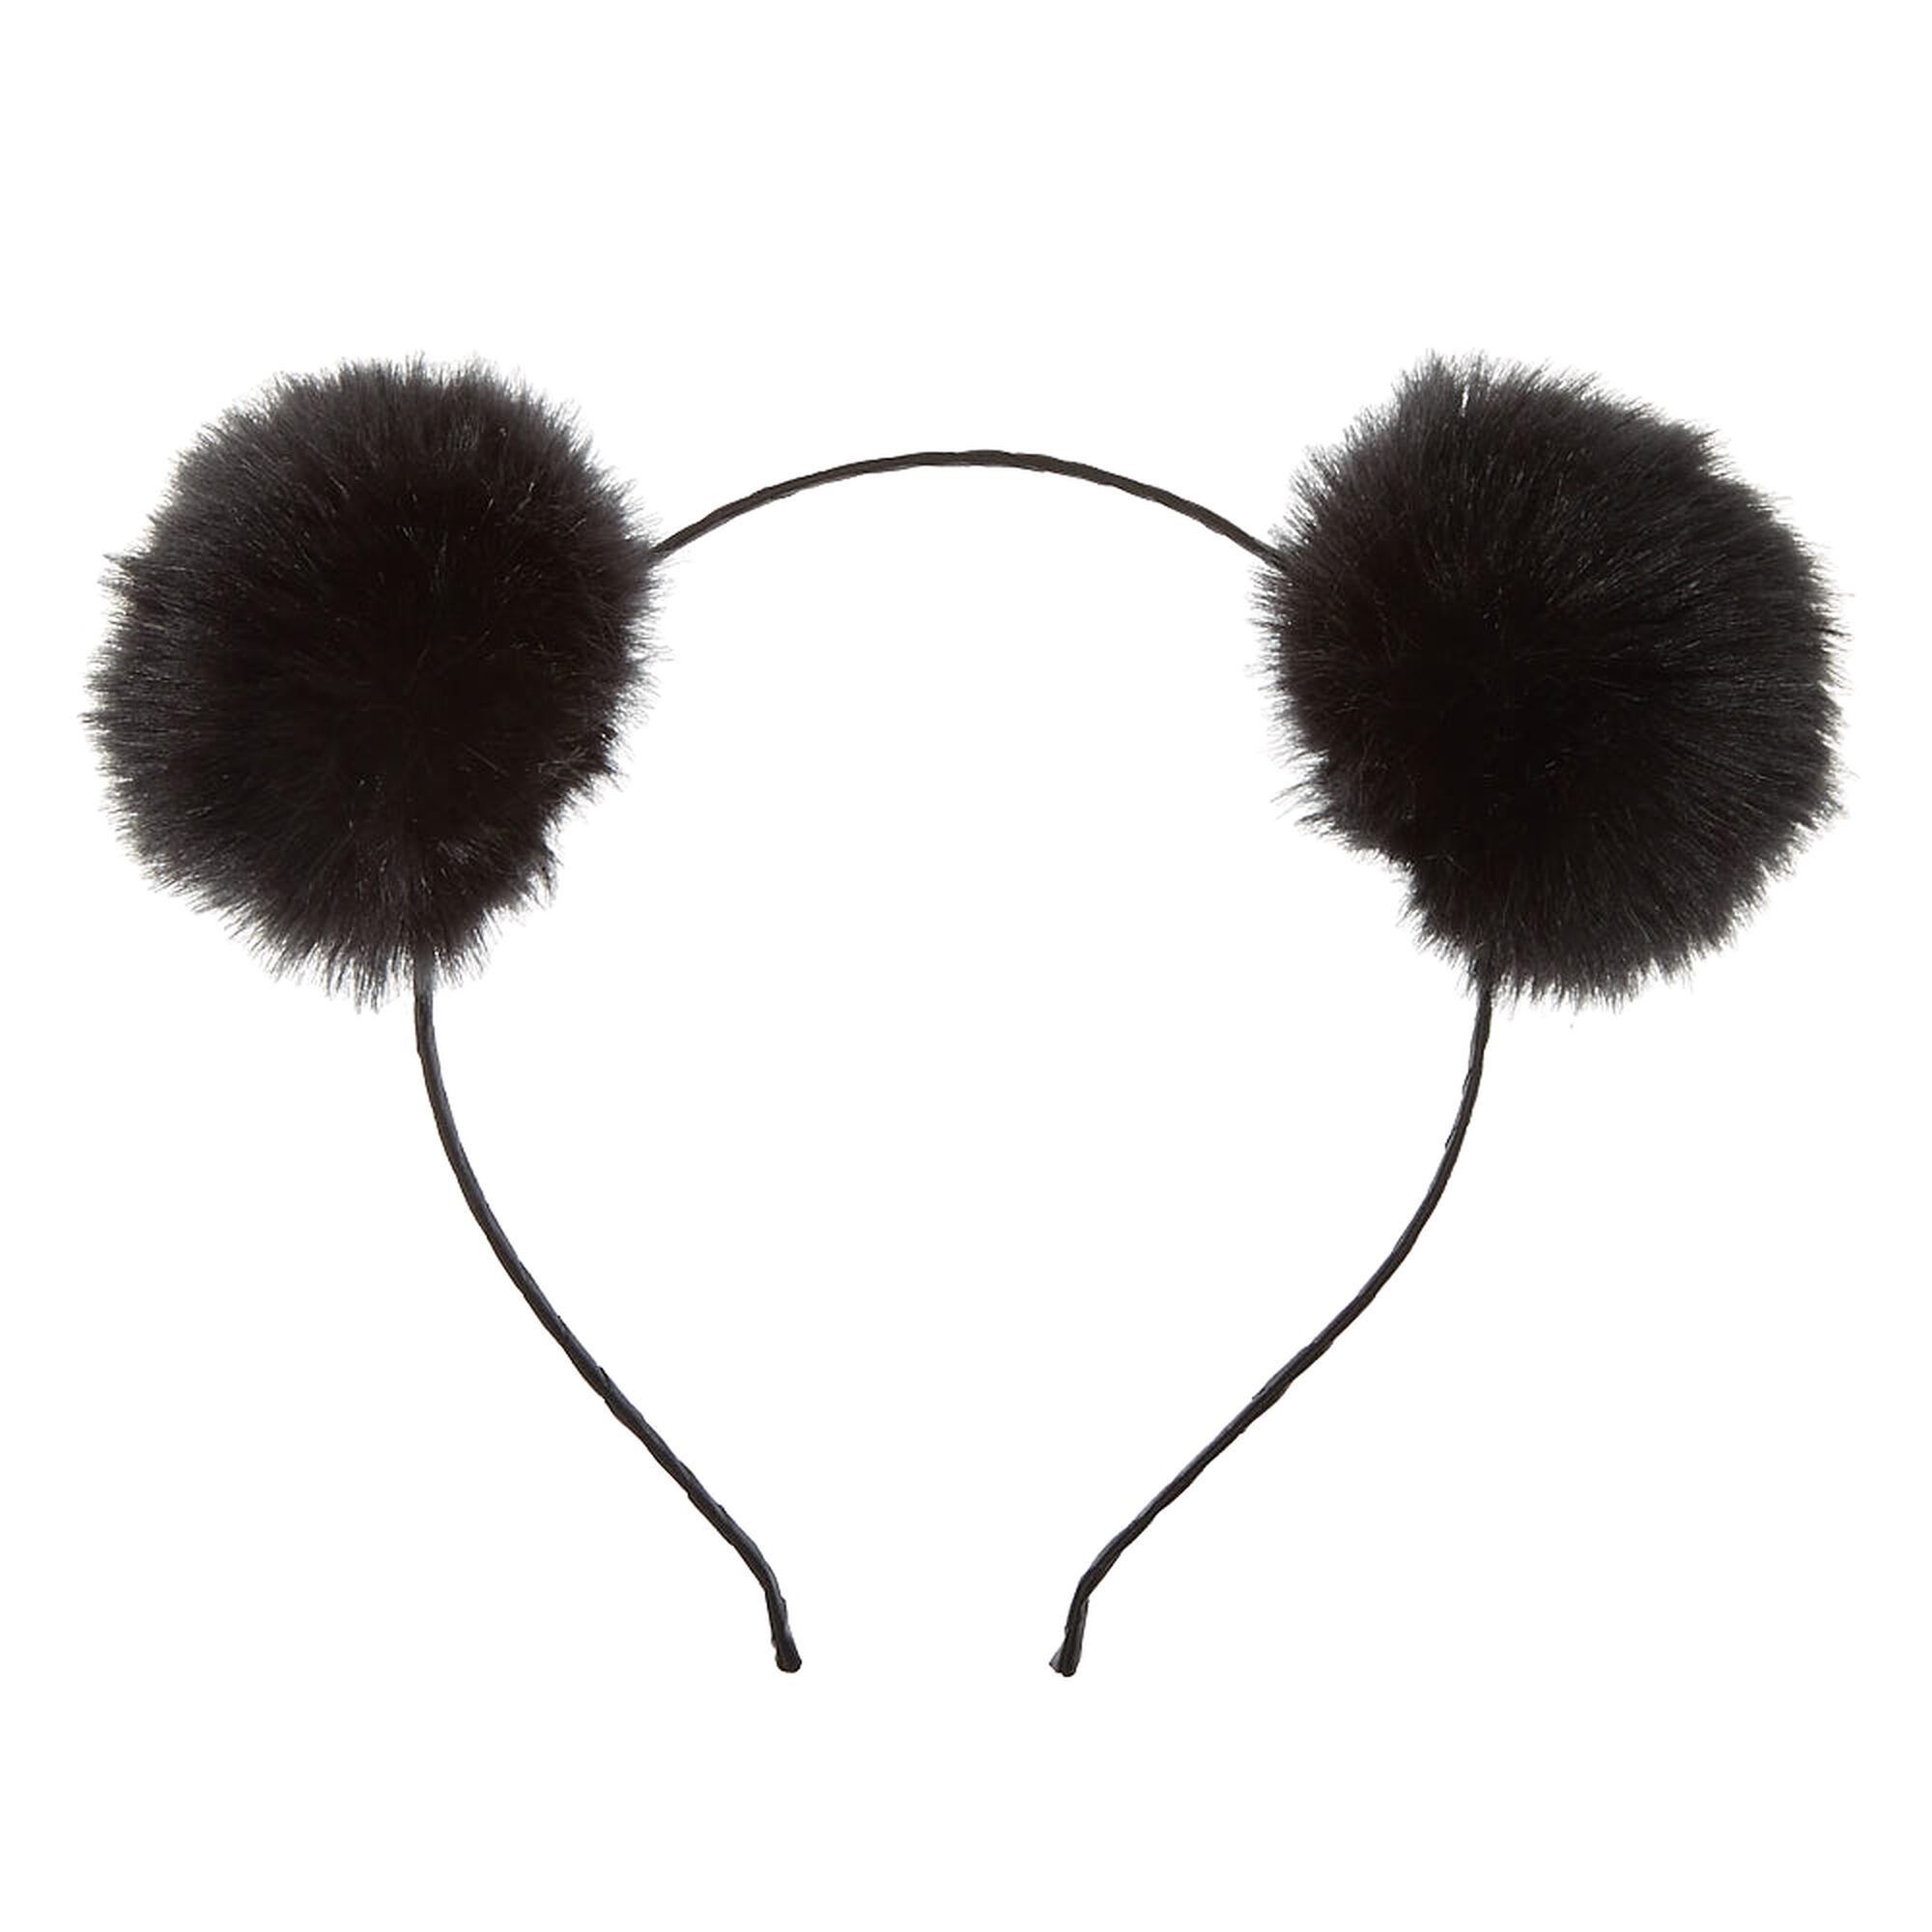 2ac903ac6e8 ... Black Pom Poms Headband